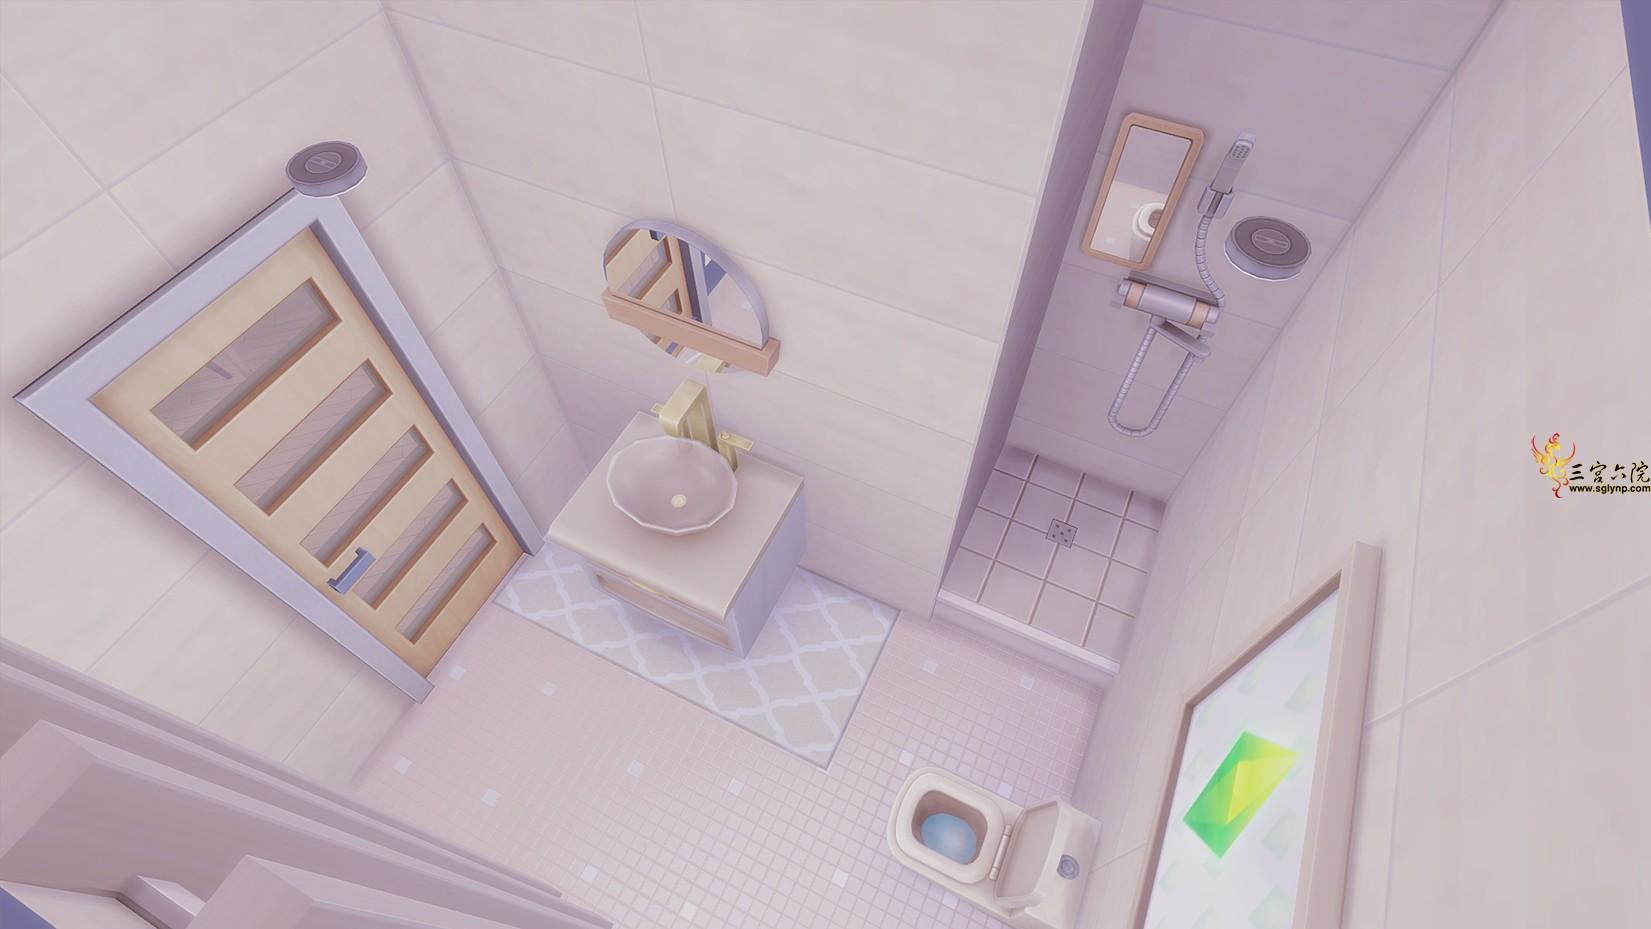 Sims 4 Screenshot 2021.02.14 - 14.09.28.61.png